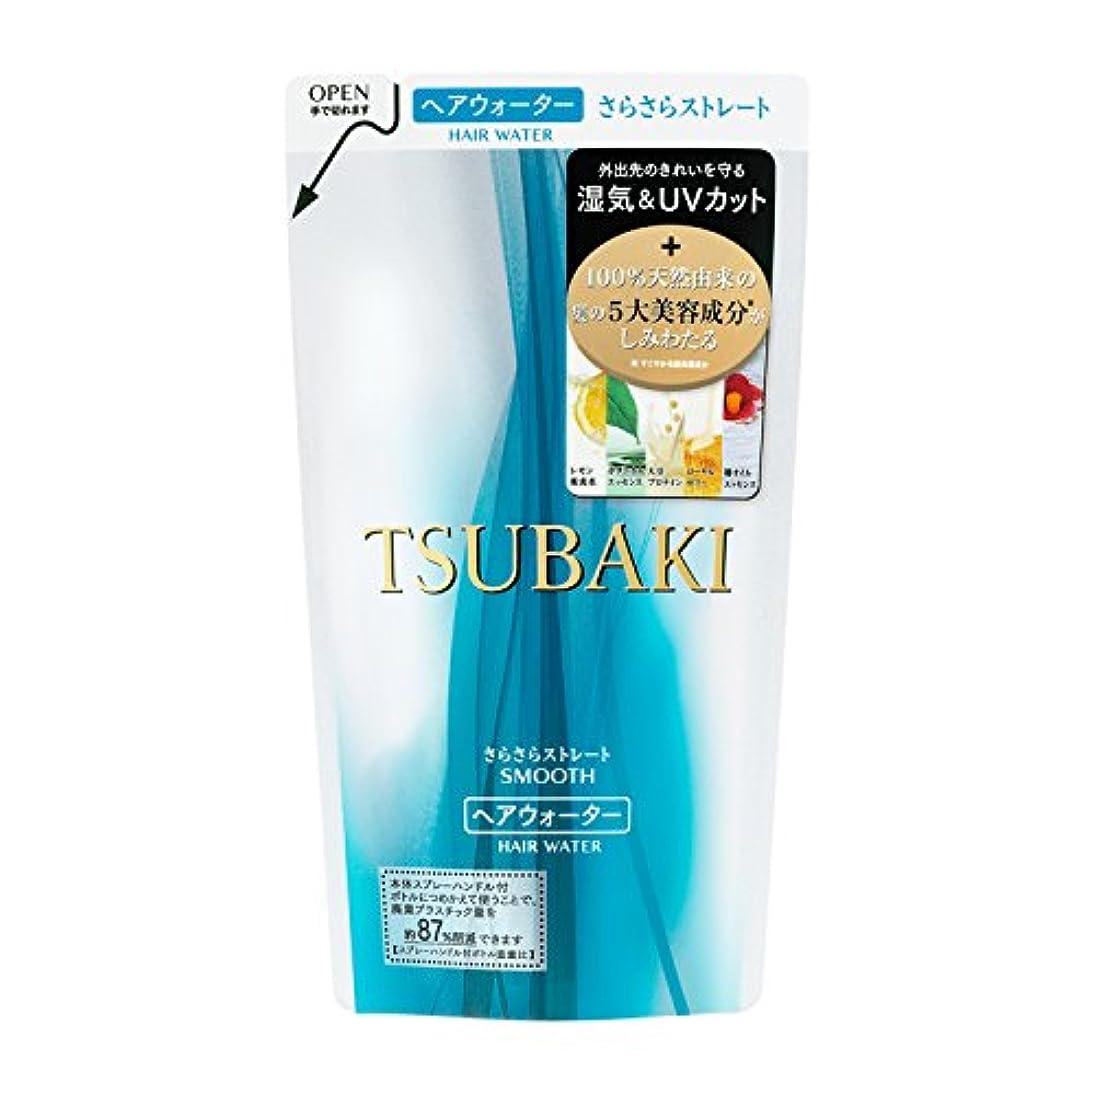 ギャロップ外向き歯痛TSUBAKI さらさらストレート ヘアウォーター つめかえ用 200mL